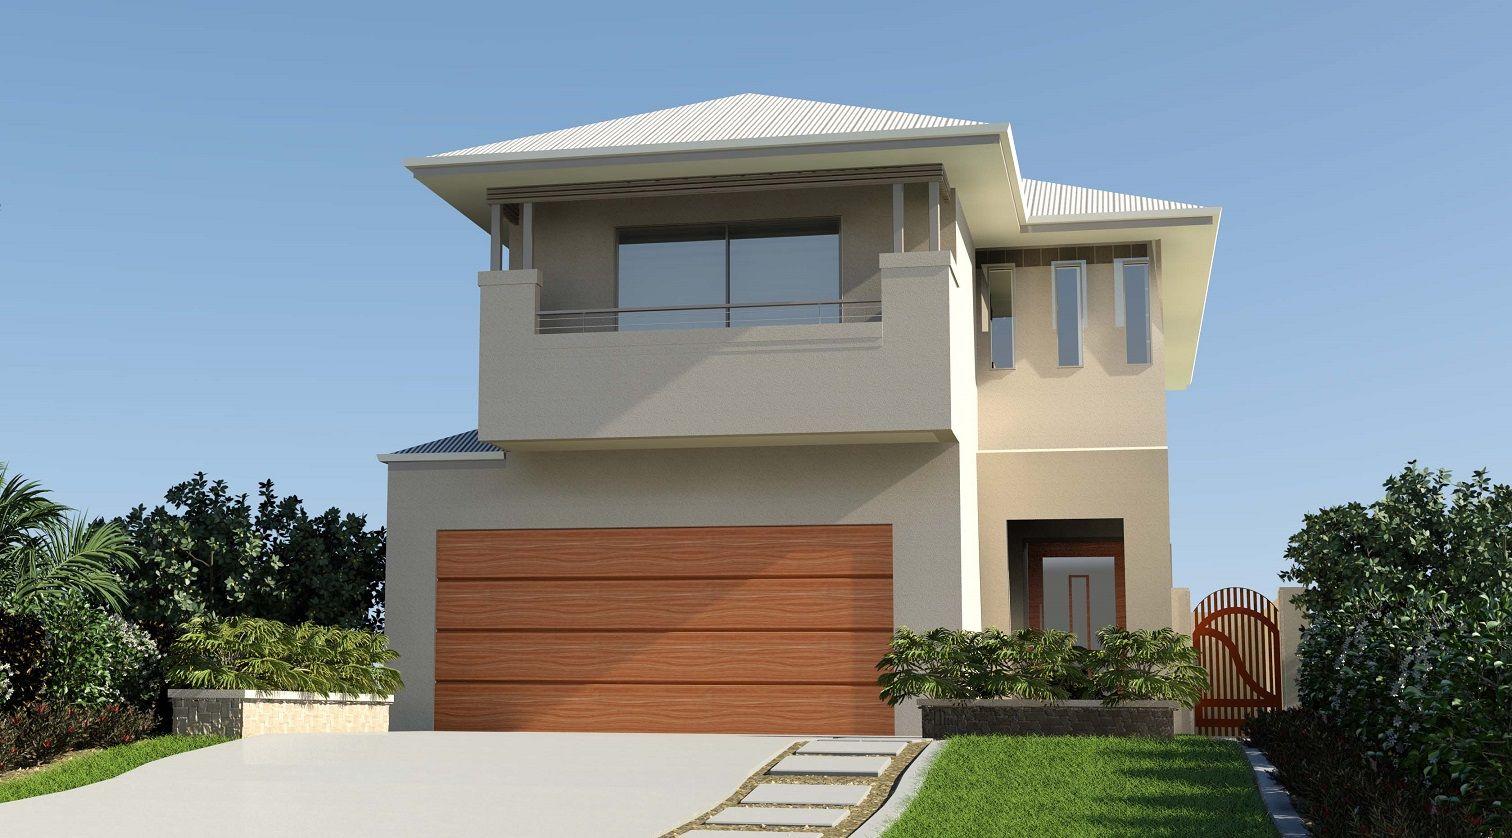 foto-fachada-de-casa-moderna-con-garaje-en-frontis.jpg (1512×838 ...